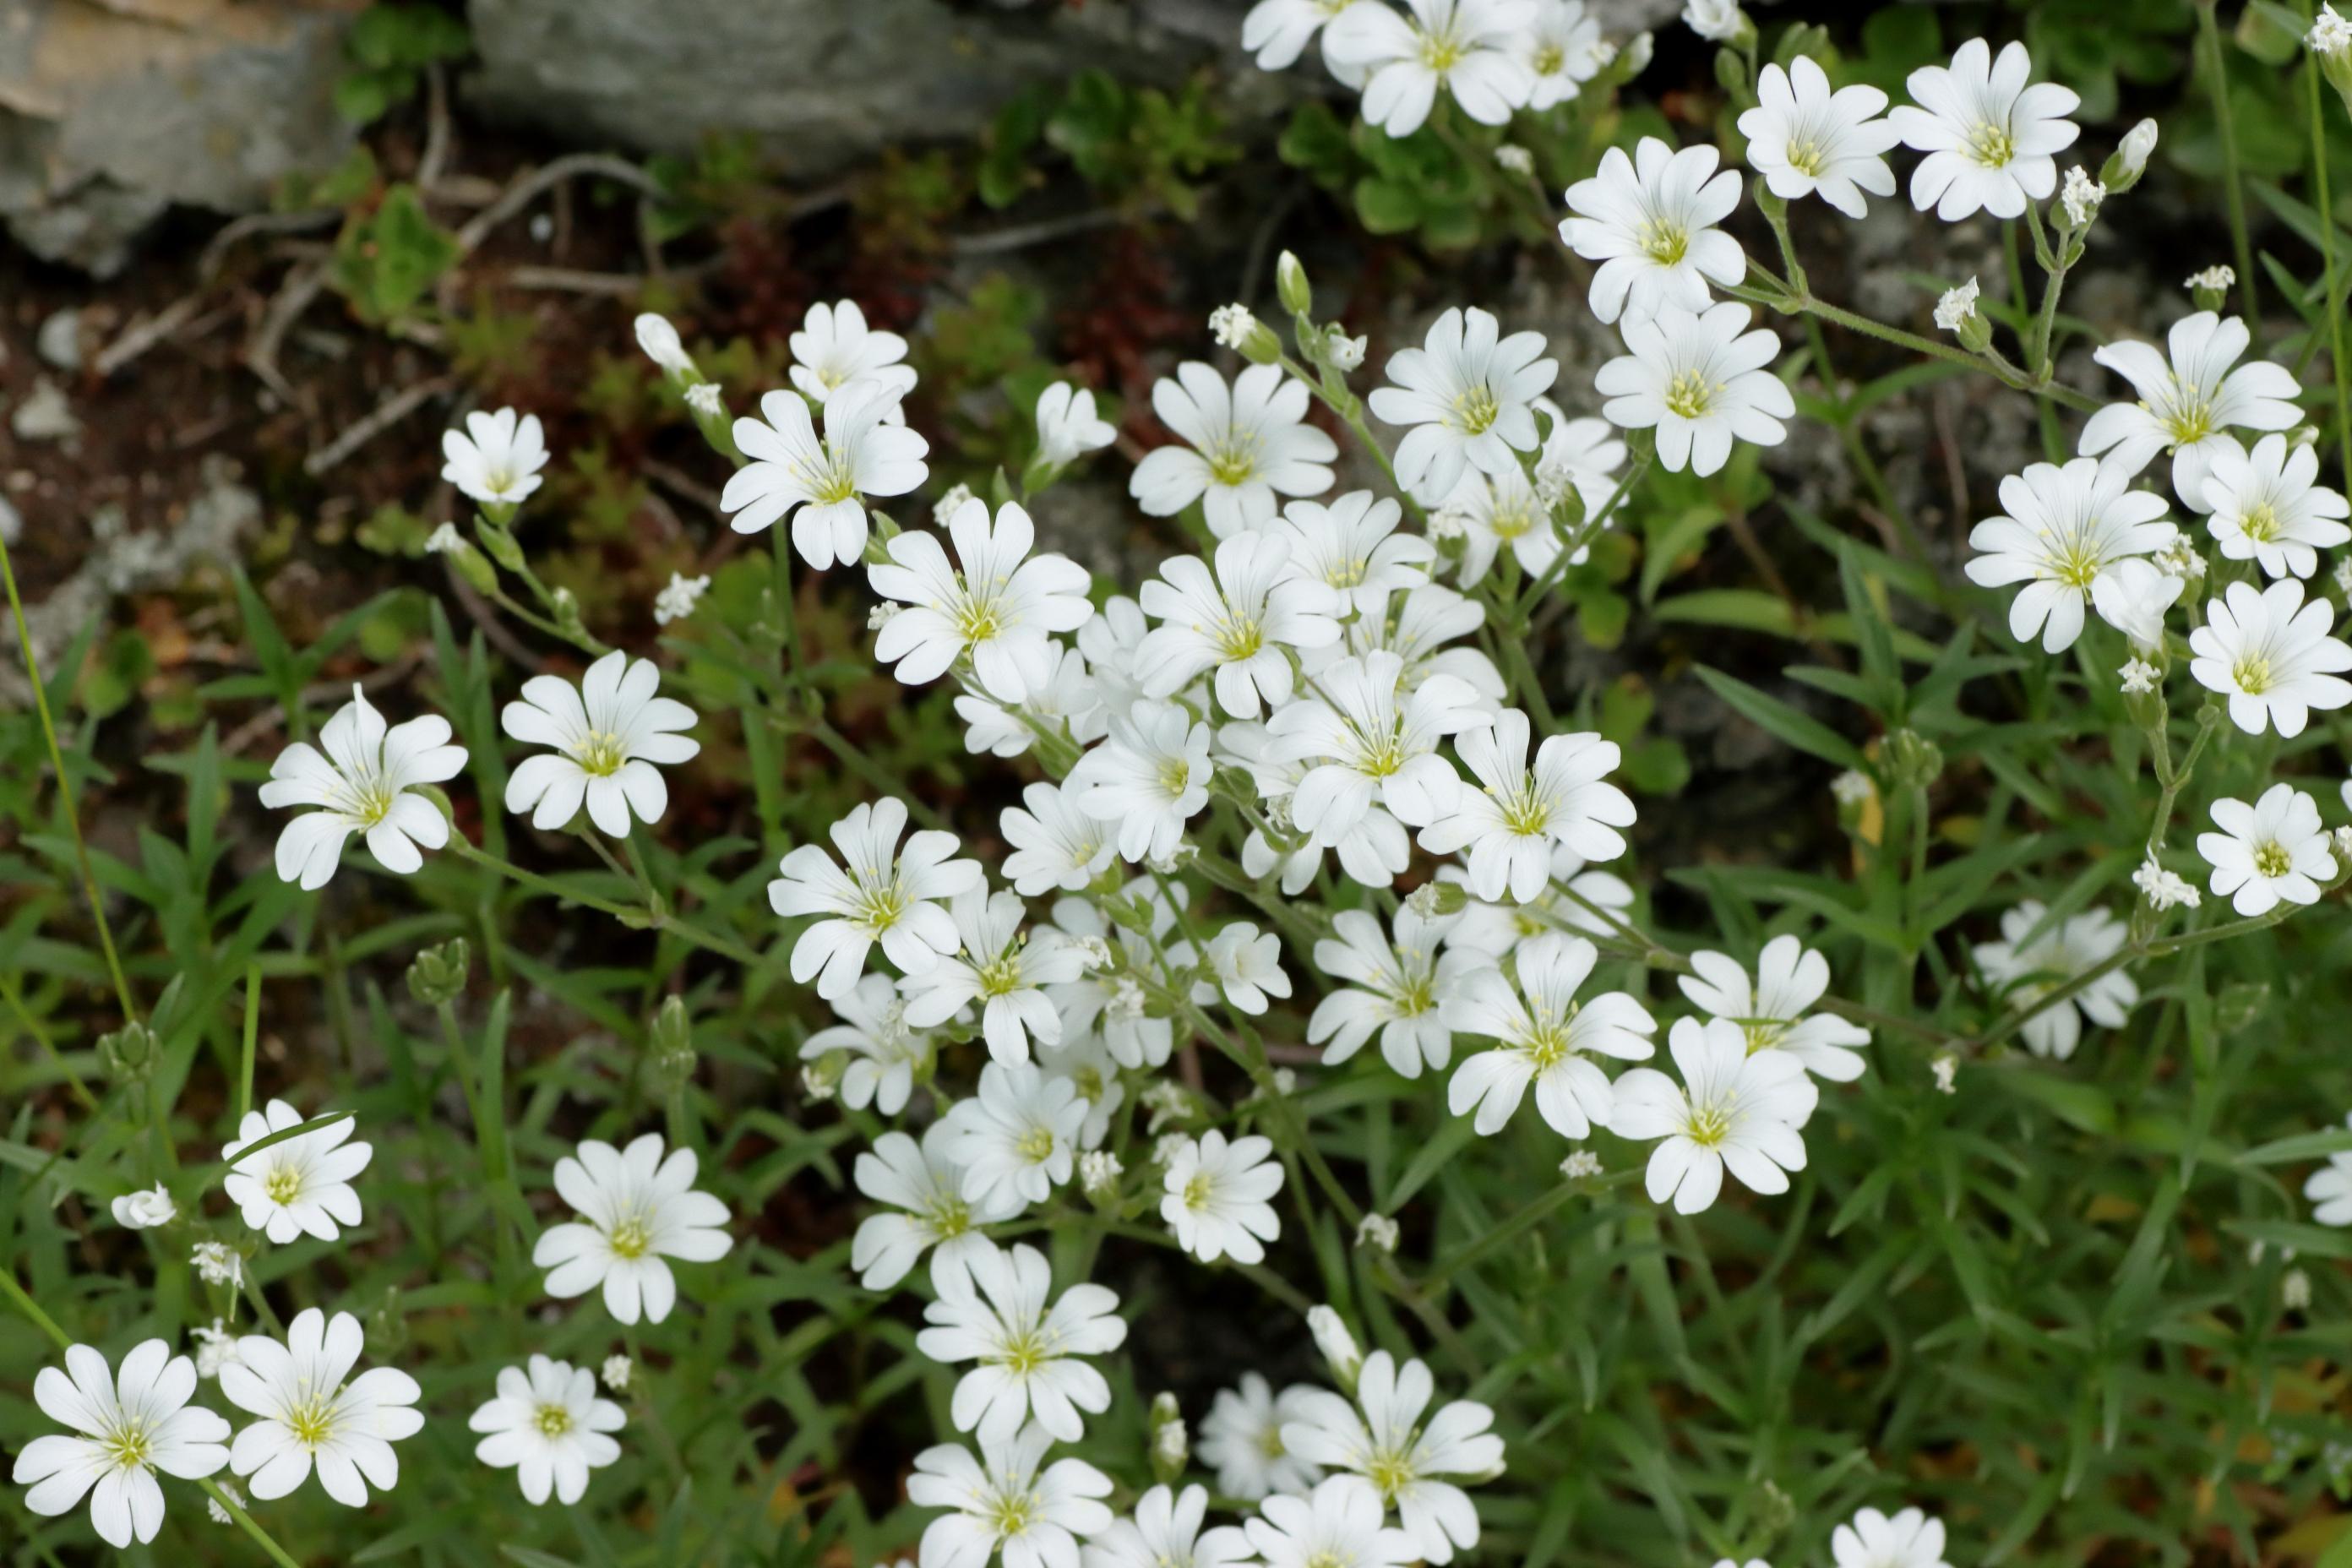 Acker-Hornkraut - Blüten